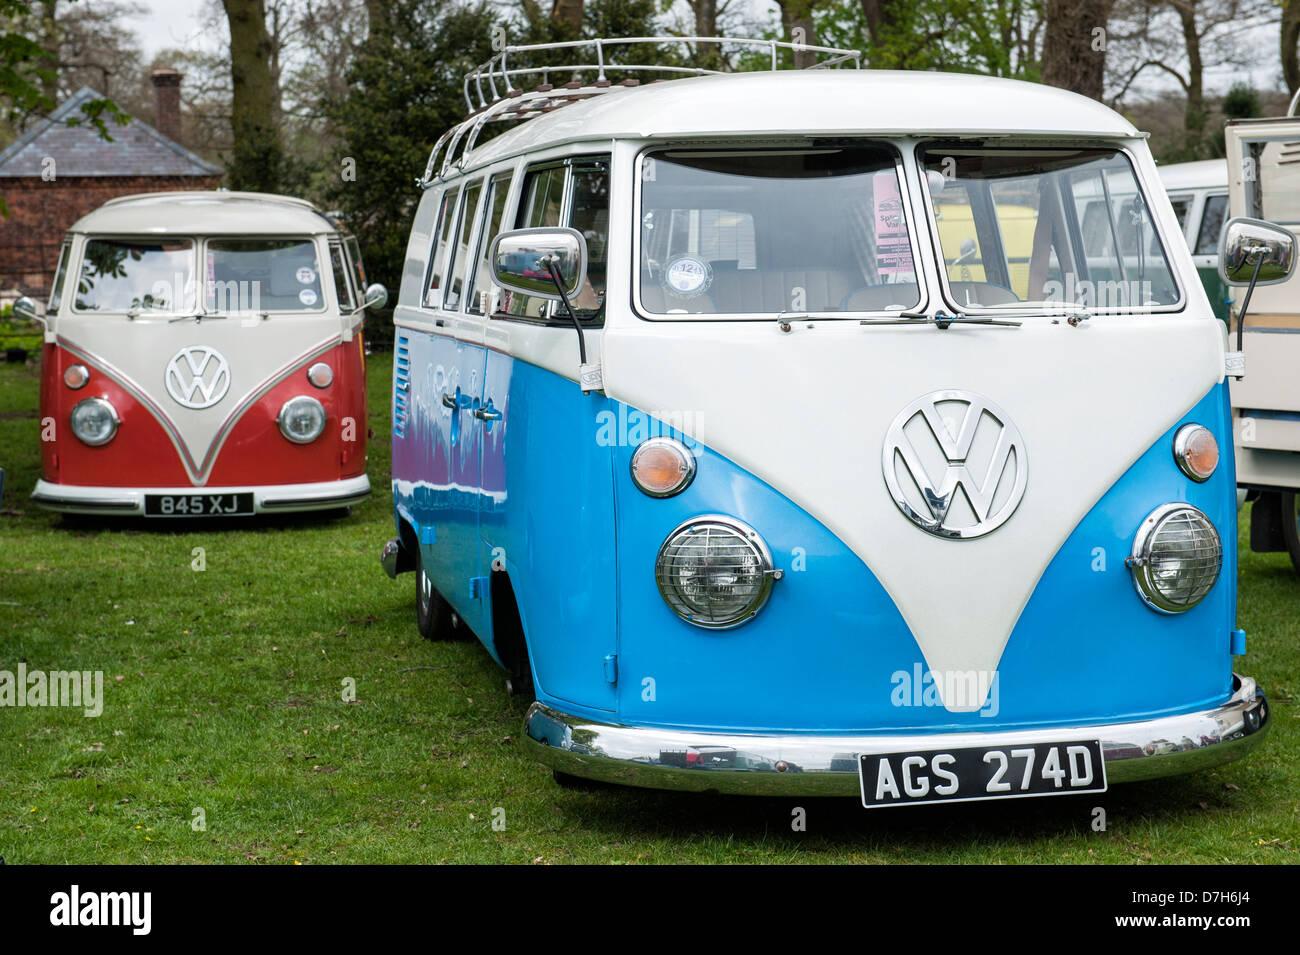 VW Split Screen Volkswagen camper vans - Stock Image